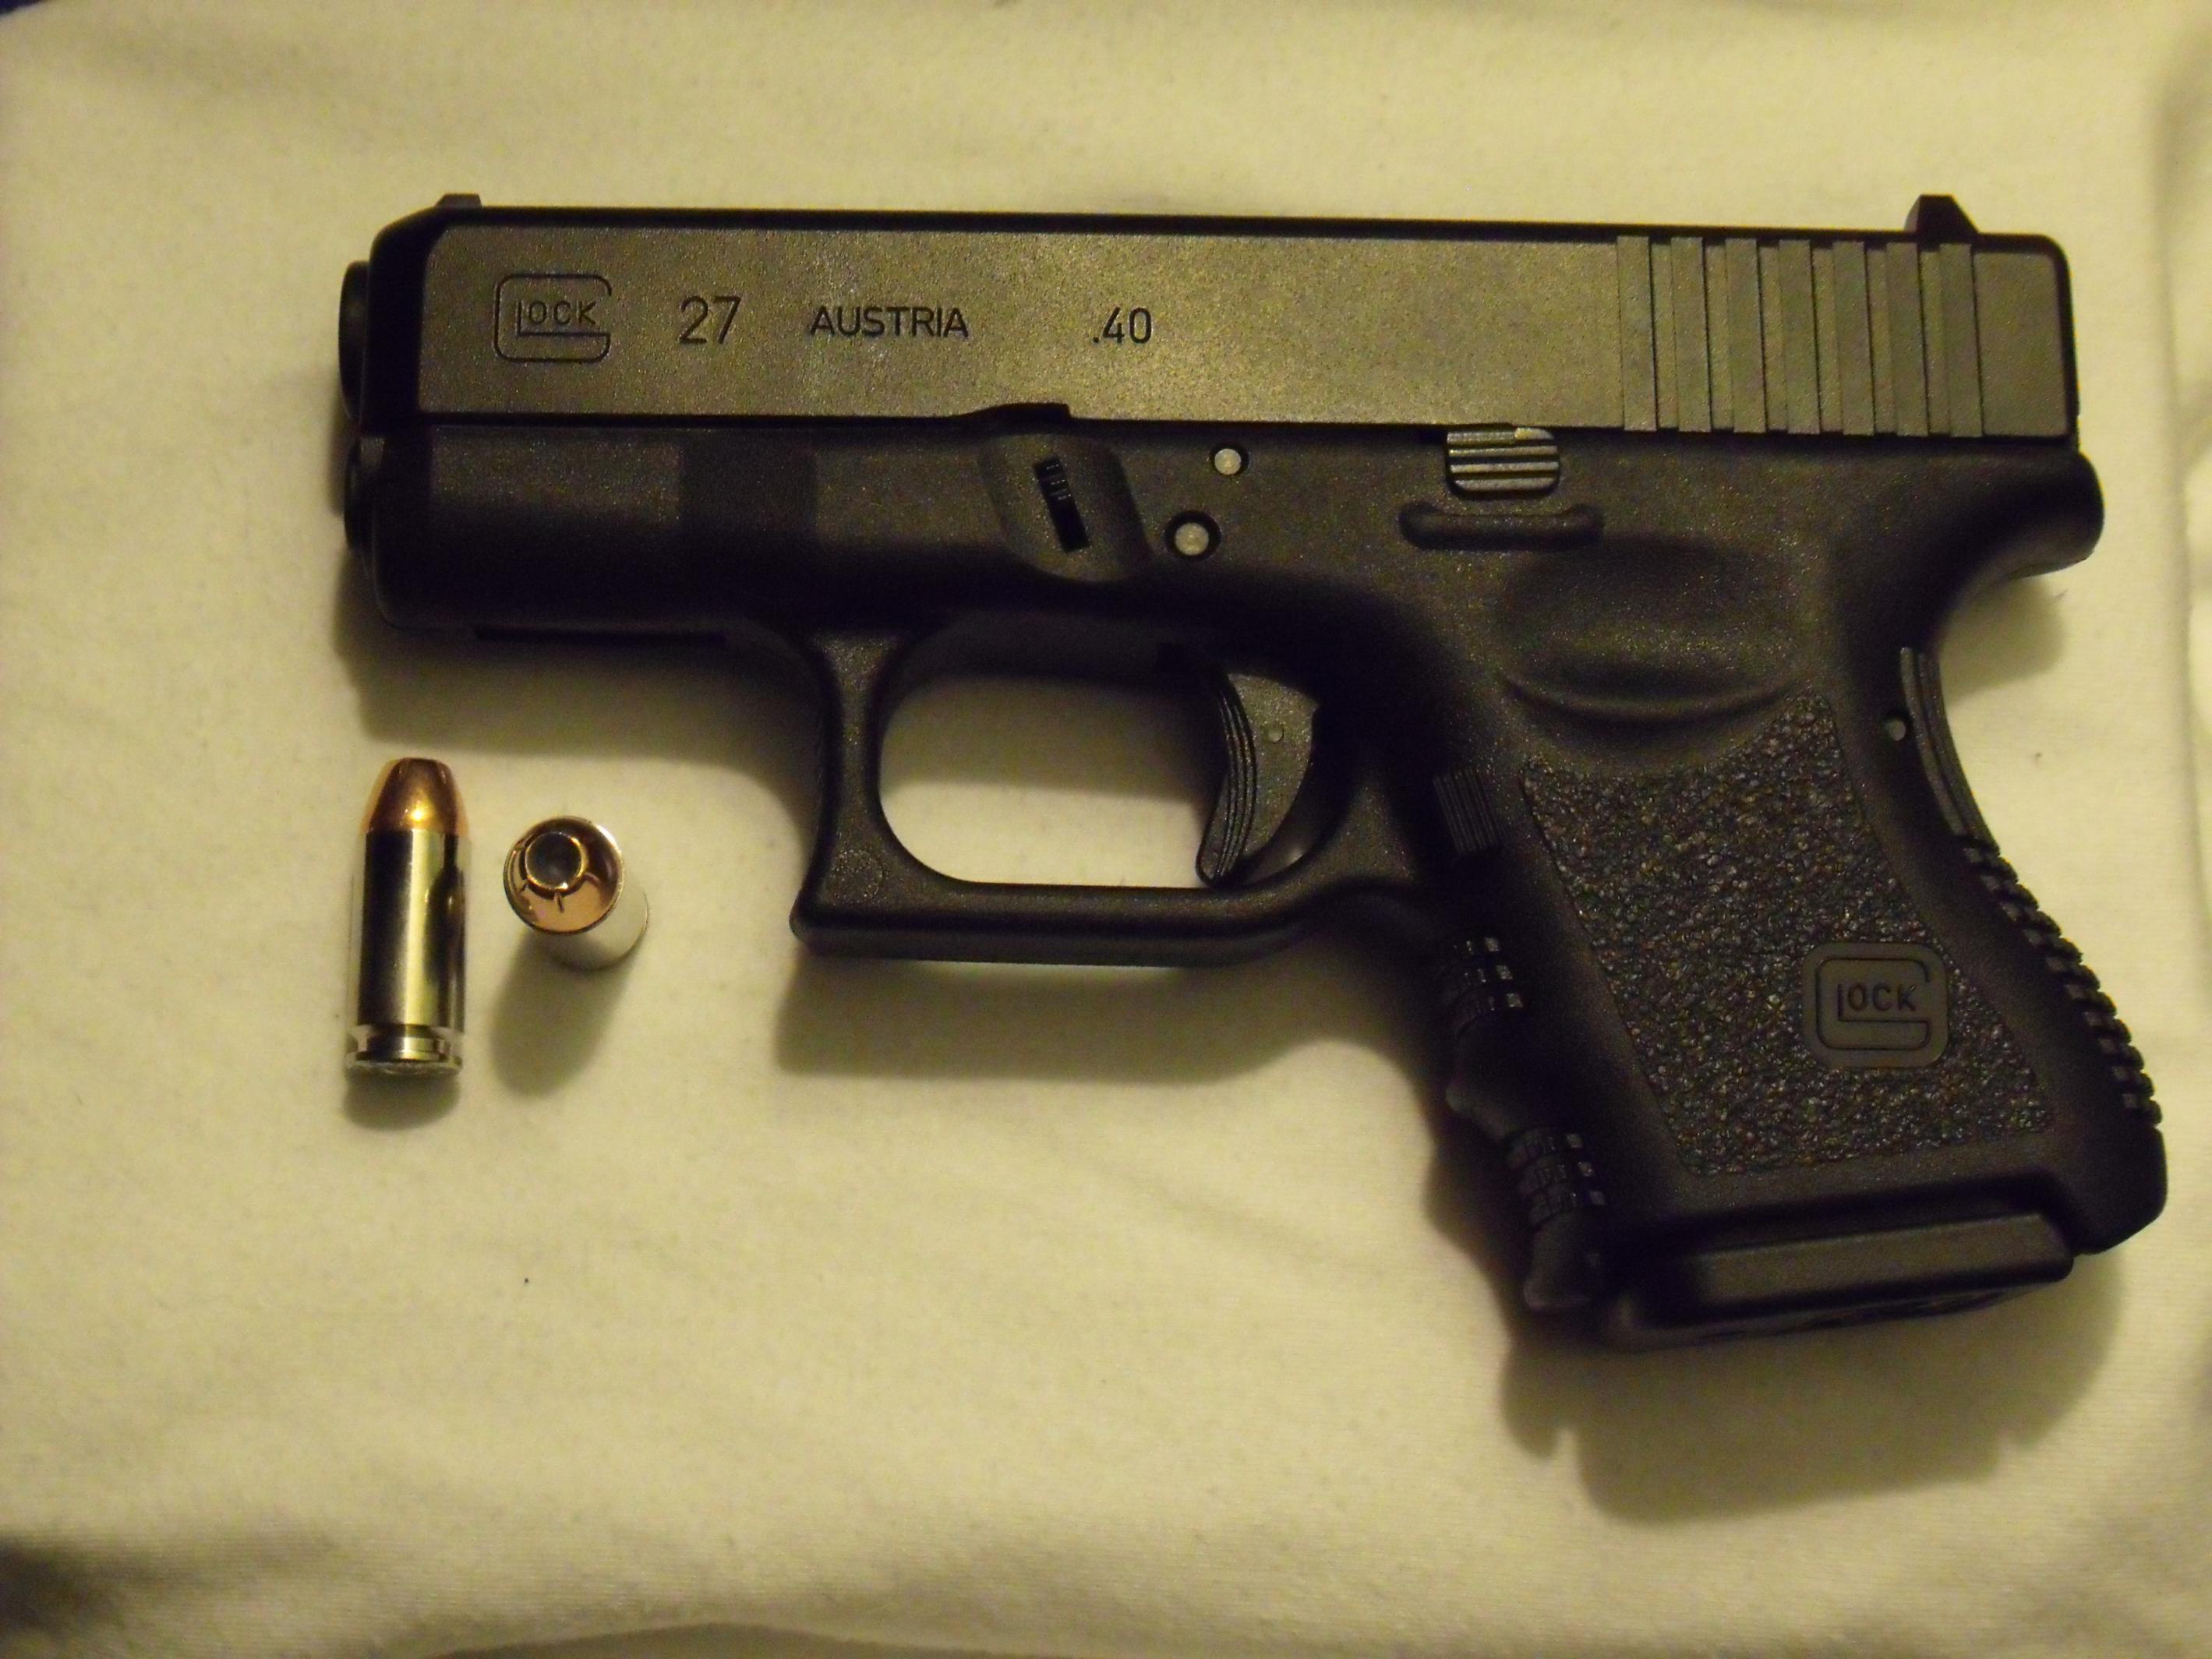 Best CC Glock 27 holster-2009_0610val20004.jpg